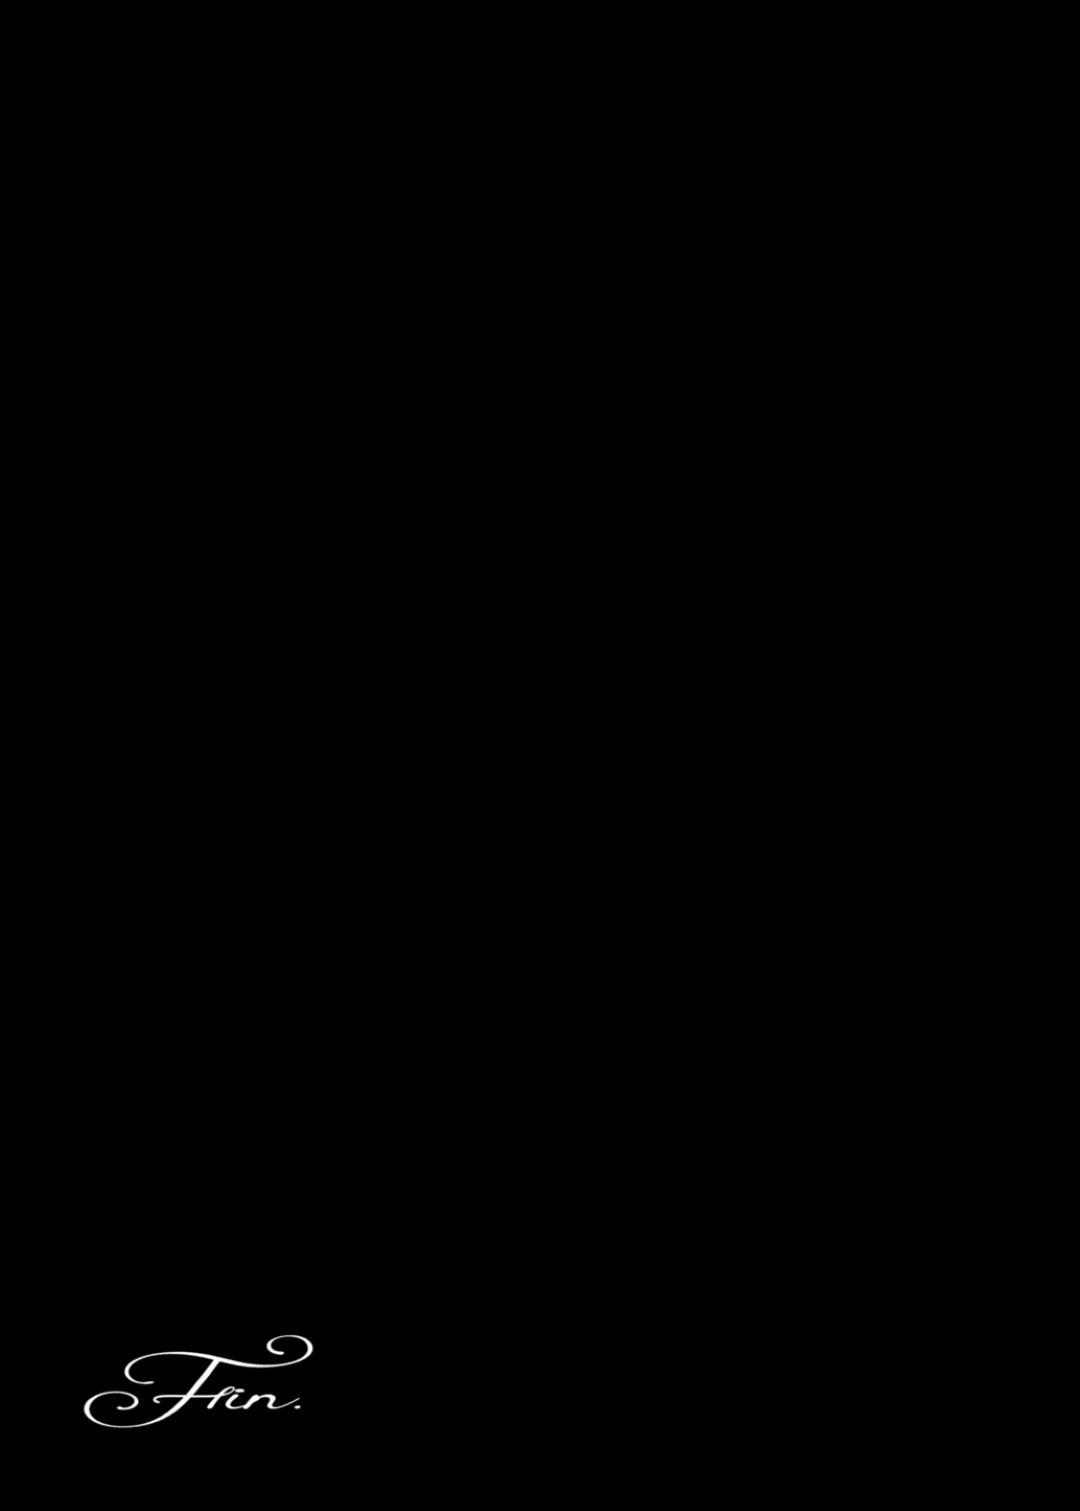 【メイドエロ漫画】毎日のように専属メイドの亜梨沙にパイズリでご奉仕で性処理されるショタ。彼は彼女といる時間を増やしたくて他のメイドを雇うが、二人になったメイドはショタチンポを取り合うように3P逆レイプするのだった!【薺屋本舗】